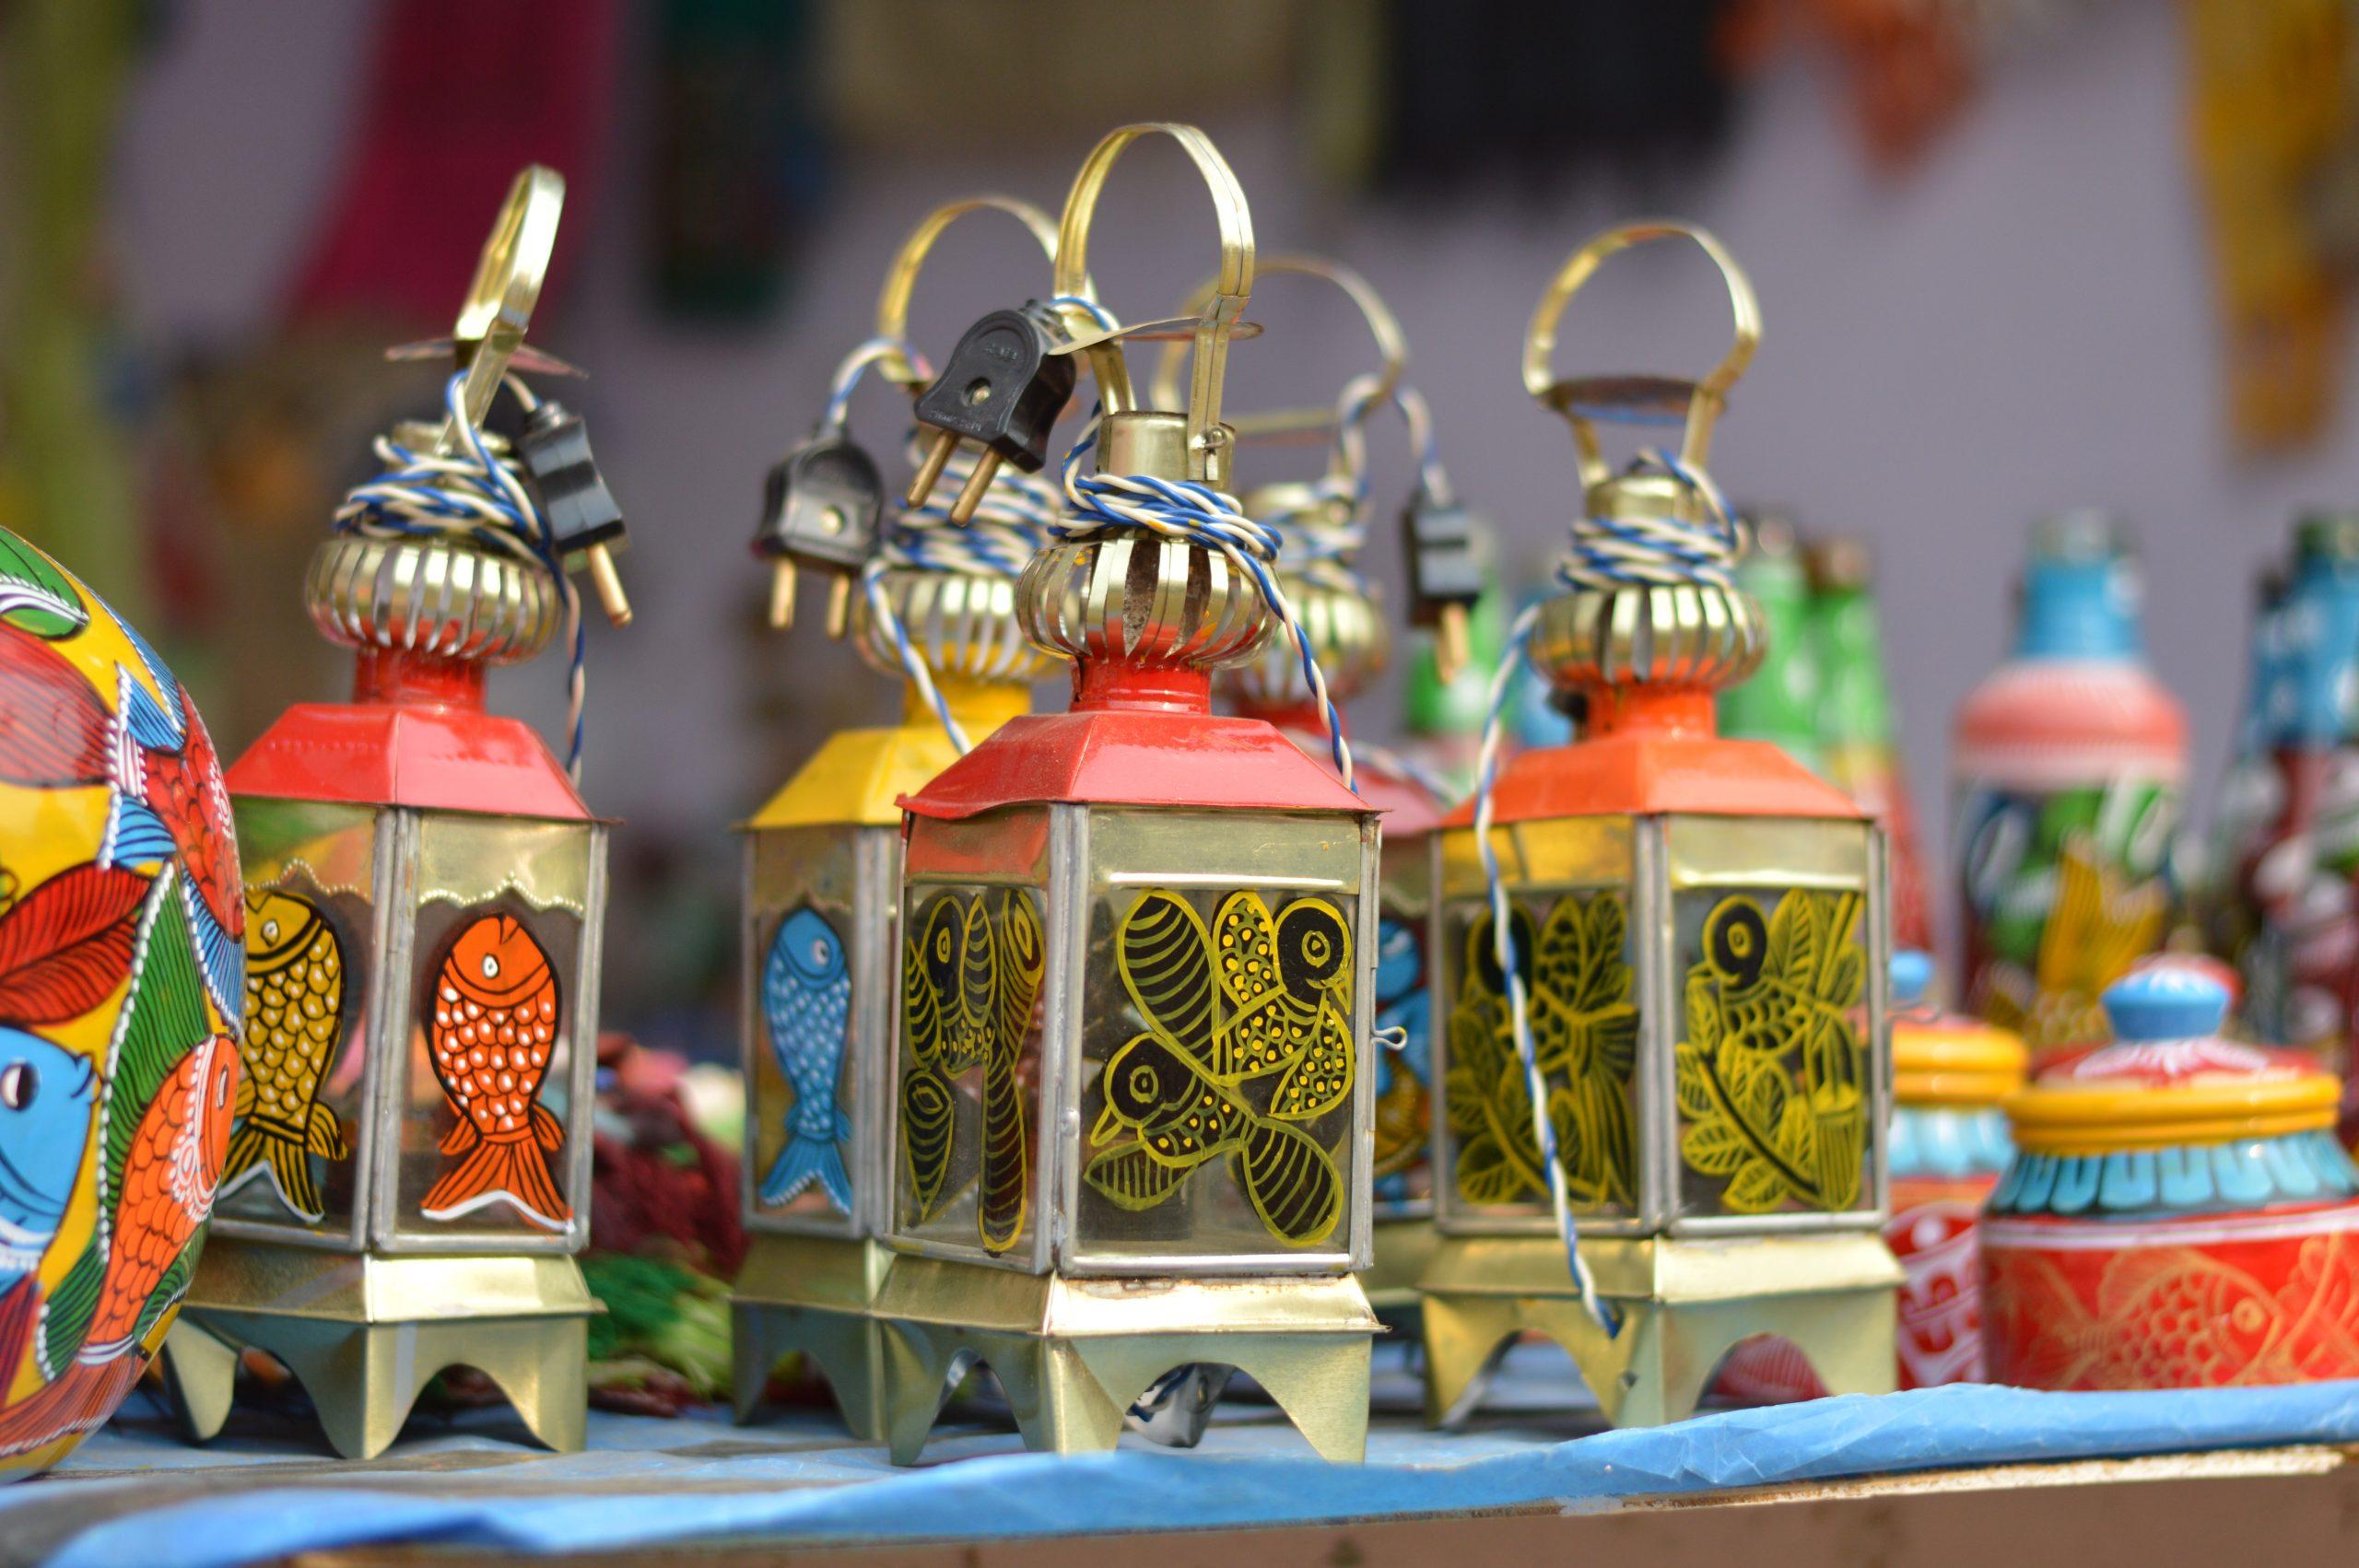 Vintage style LED lanterns